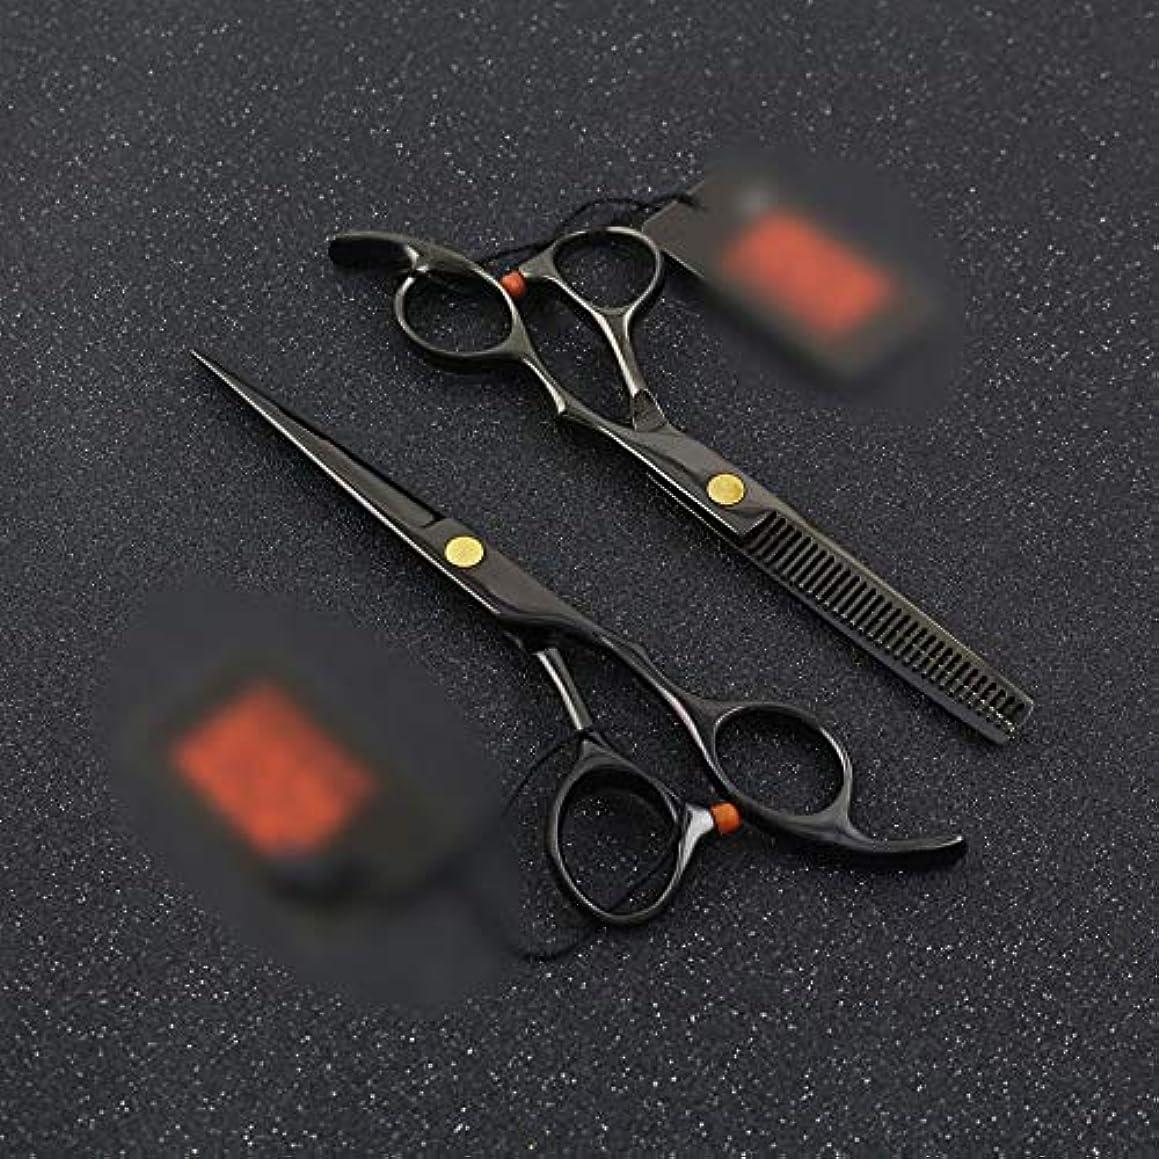 集団脆い居間Hairdressing 6.0インチ黒はさみ、フラットはさみ+歯せん断理髪はさみツールセットヘアカットはさみステンレス理髪はさみ (色 : 黒)